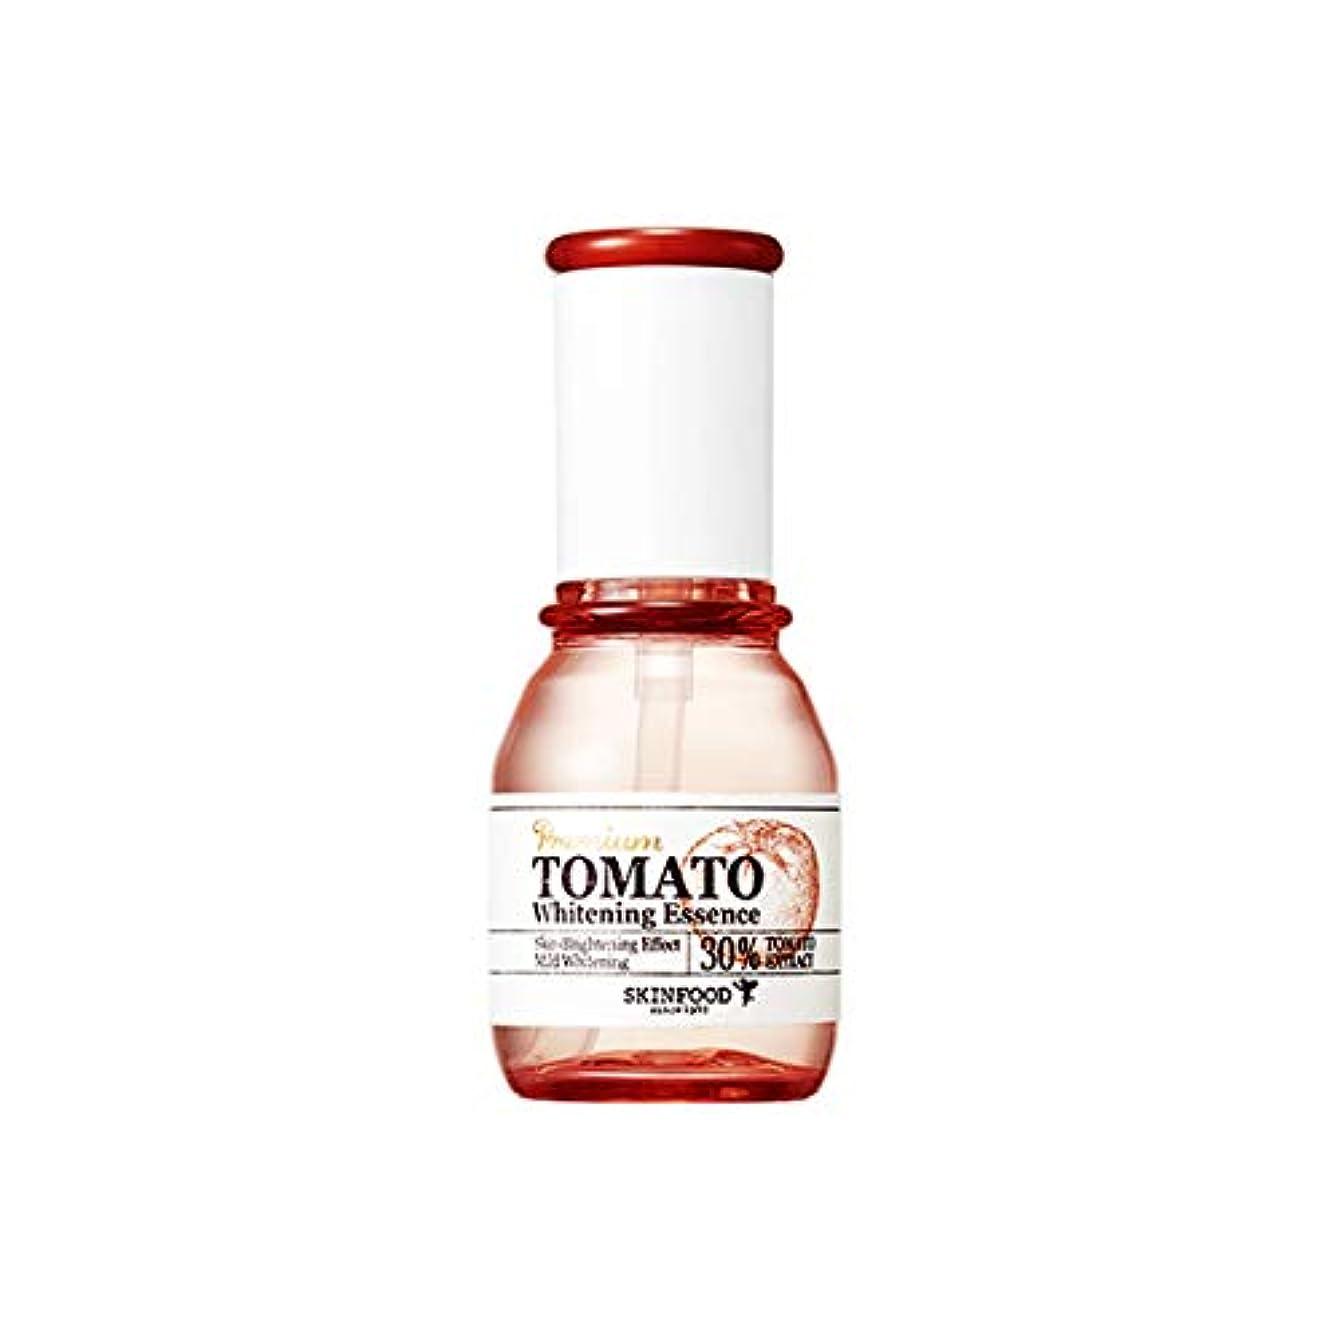 驚くばかりコイル全体にSkinfood プレミアムトマトホワイトニングエッセンス(美白効果) / Premium Tomato Whitening Essence (Skin-Brightening Effect)50ml [並行輸入品]